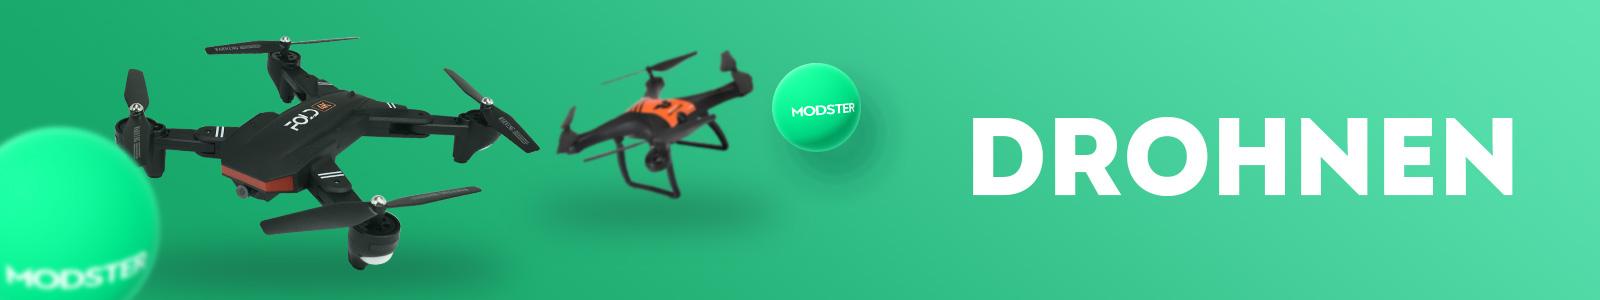 Modster-Drohnen-Drohne-fliegen-RC-kaufen-Multicopter-Quadrocopter-Quadcopter-DJI-YuneecdDprE8BmXAJFh